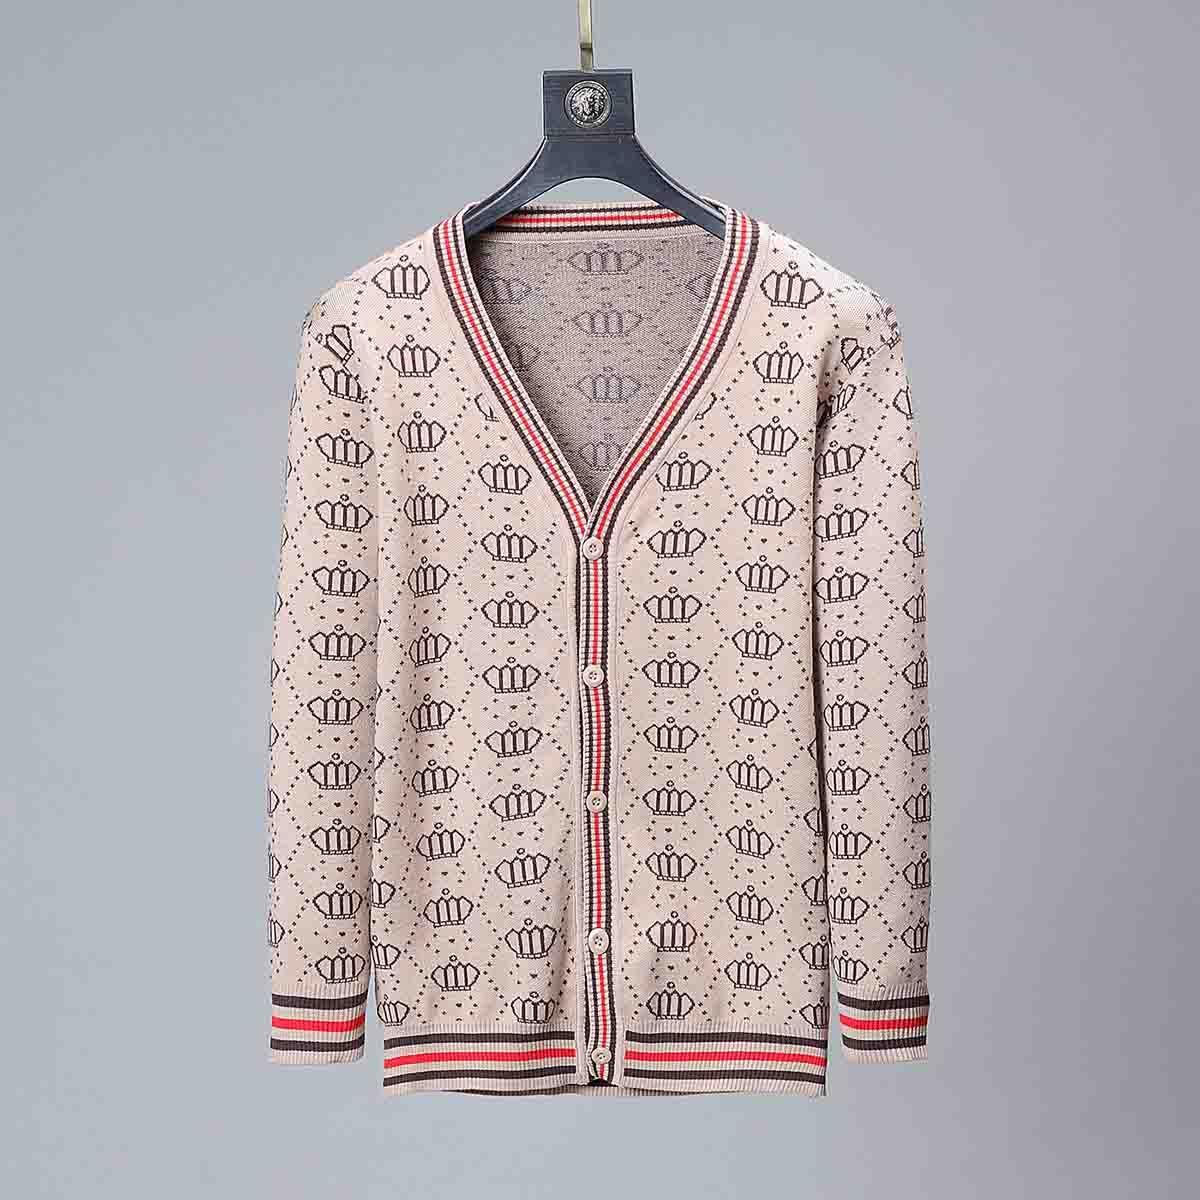 2020ss projeto luxuoso da camisola Hoodie Men de homens e mulheres amantes Casual design de alta qualidade camisola preta Khaki da camisola Men Cardigan Tamanho